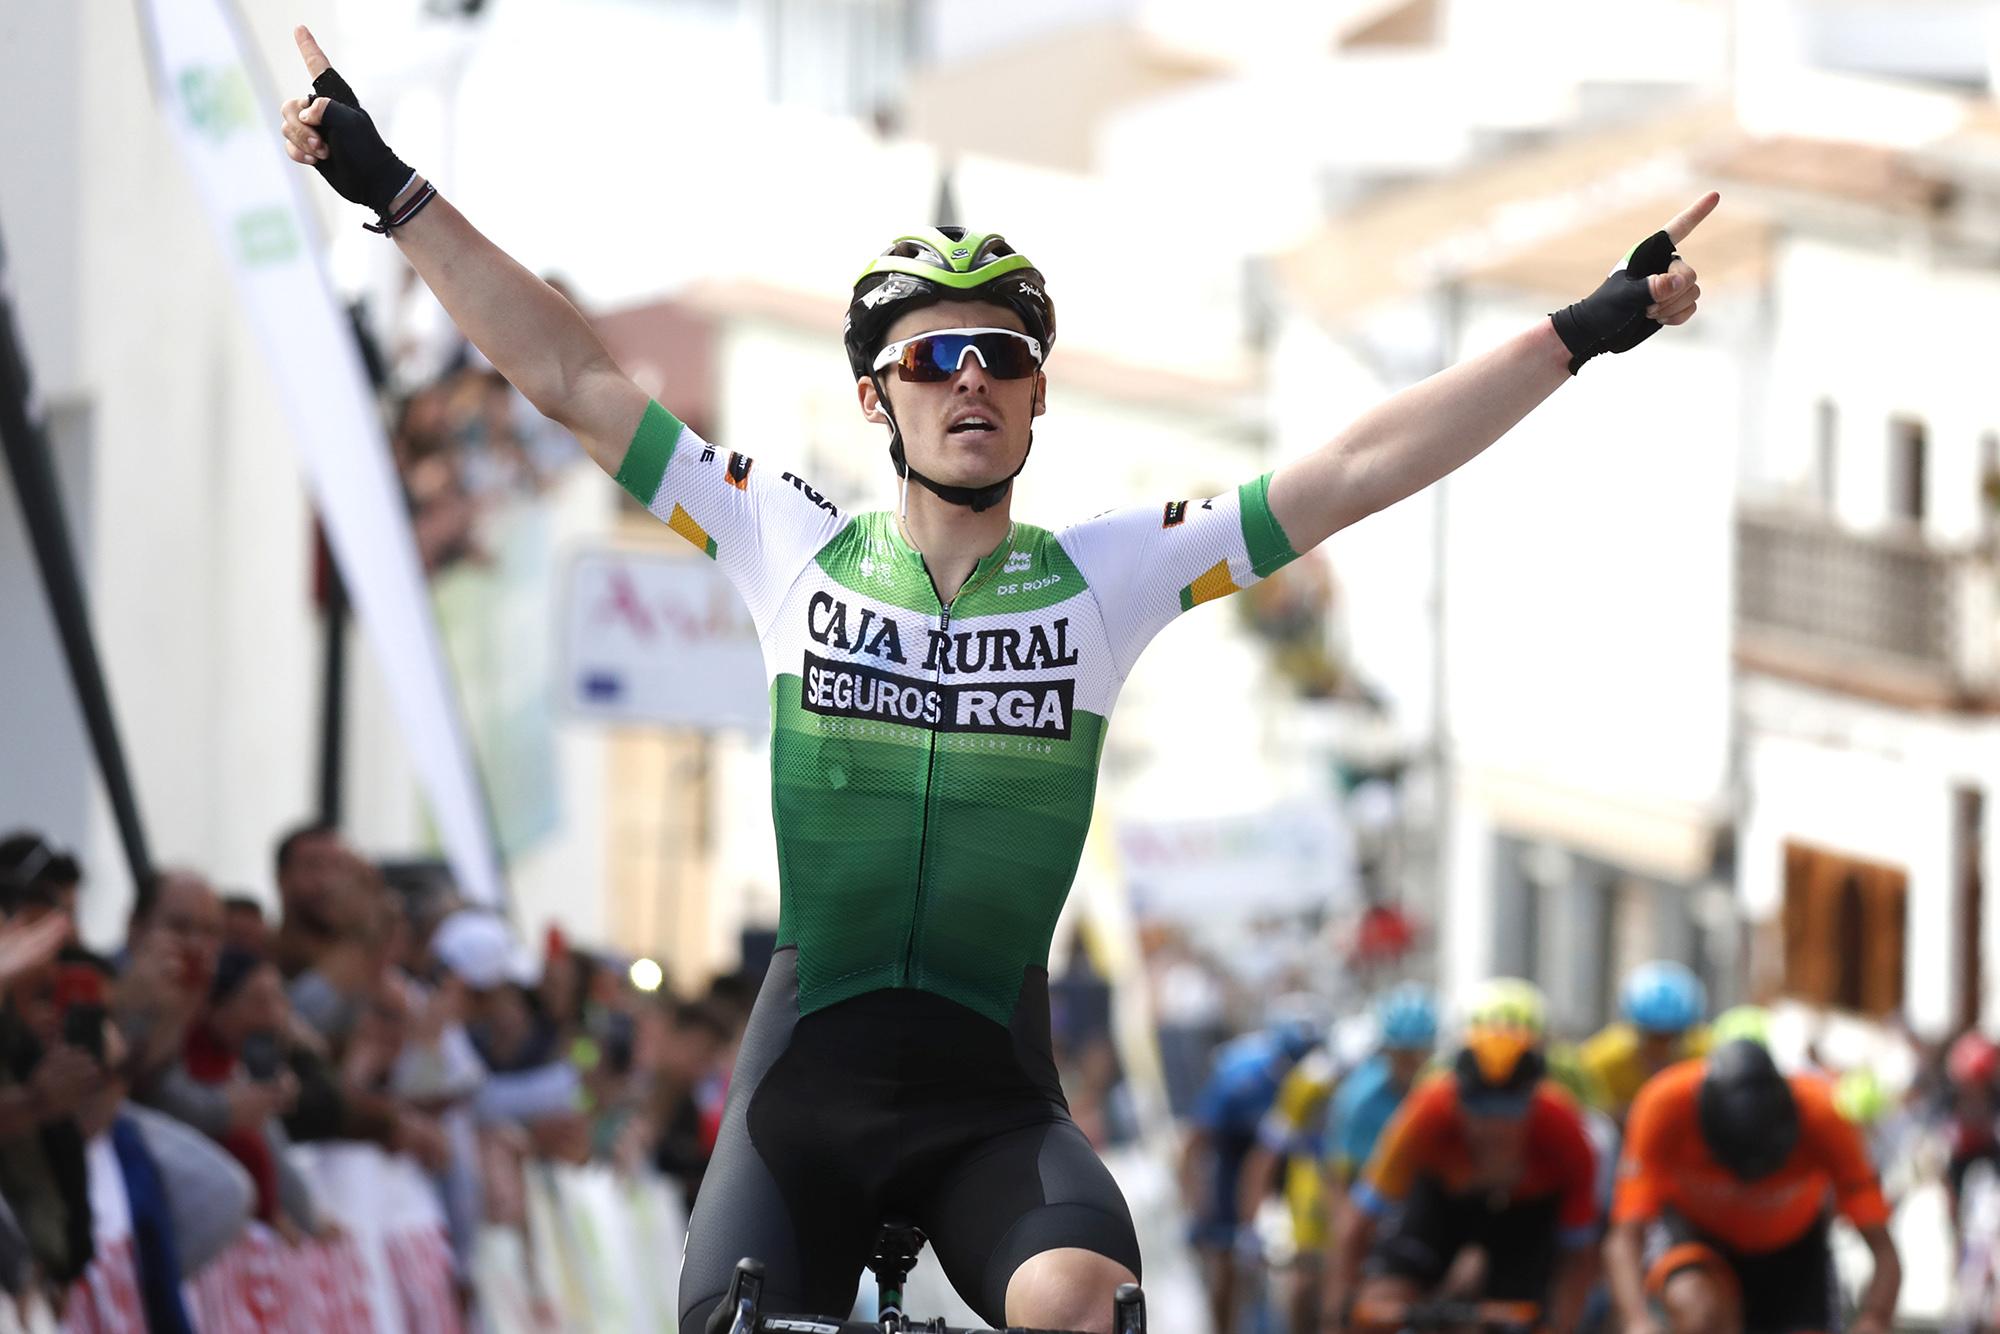 Fichajes de ciclistas españoles para la temporada 2021